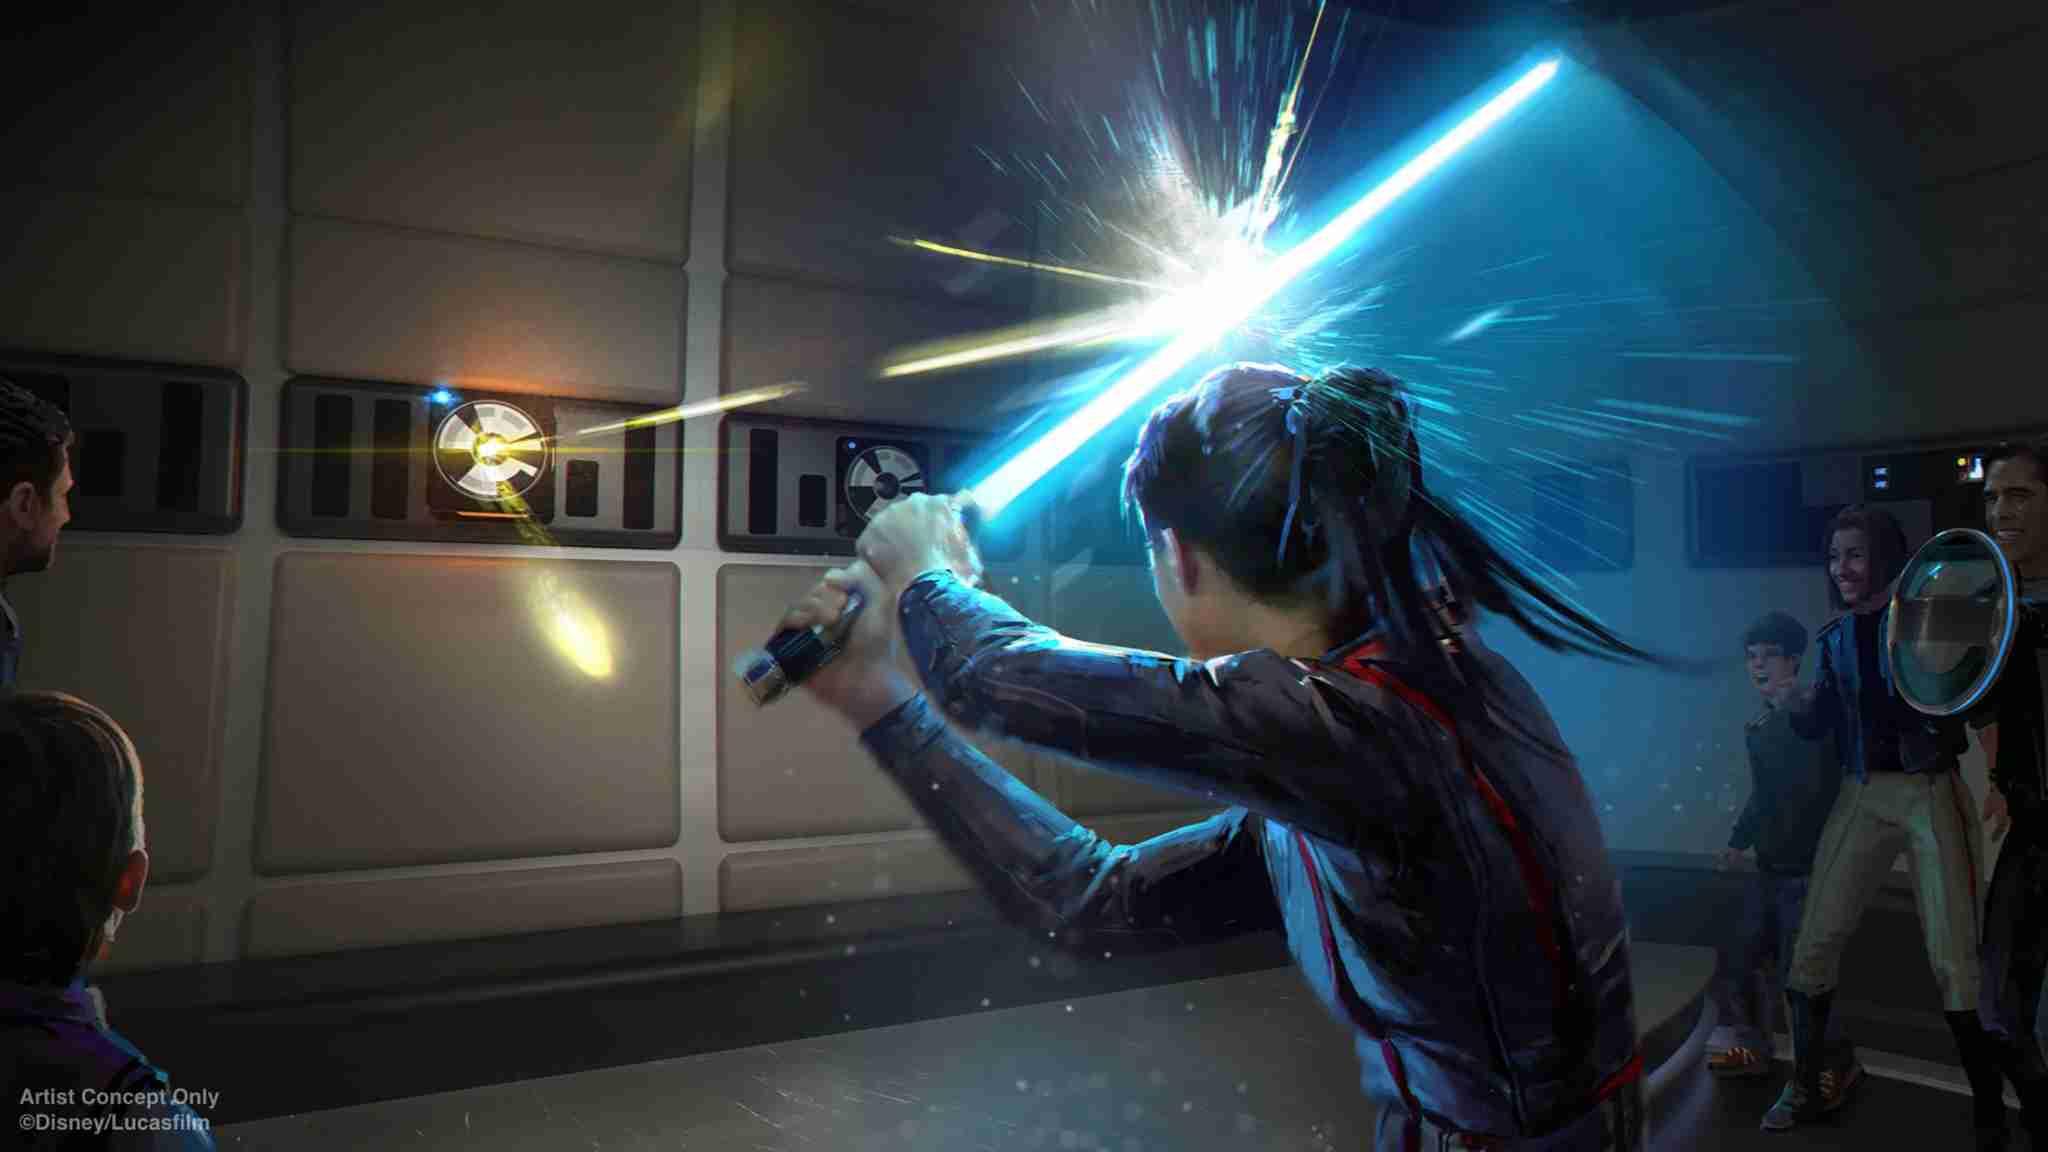 Image courtesy of Disney.